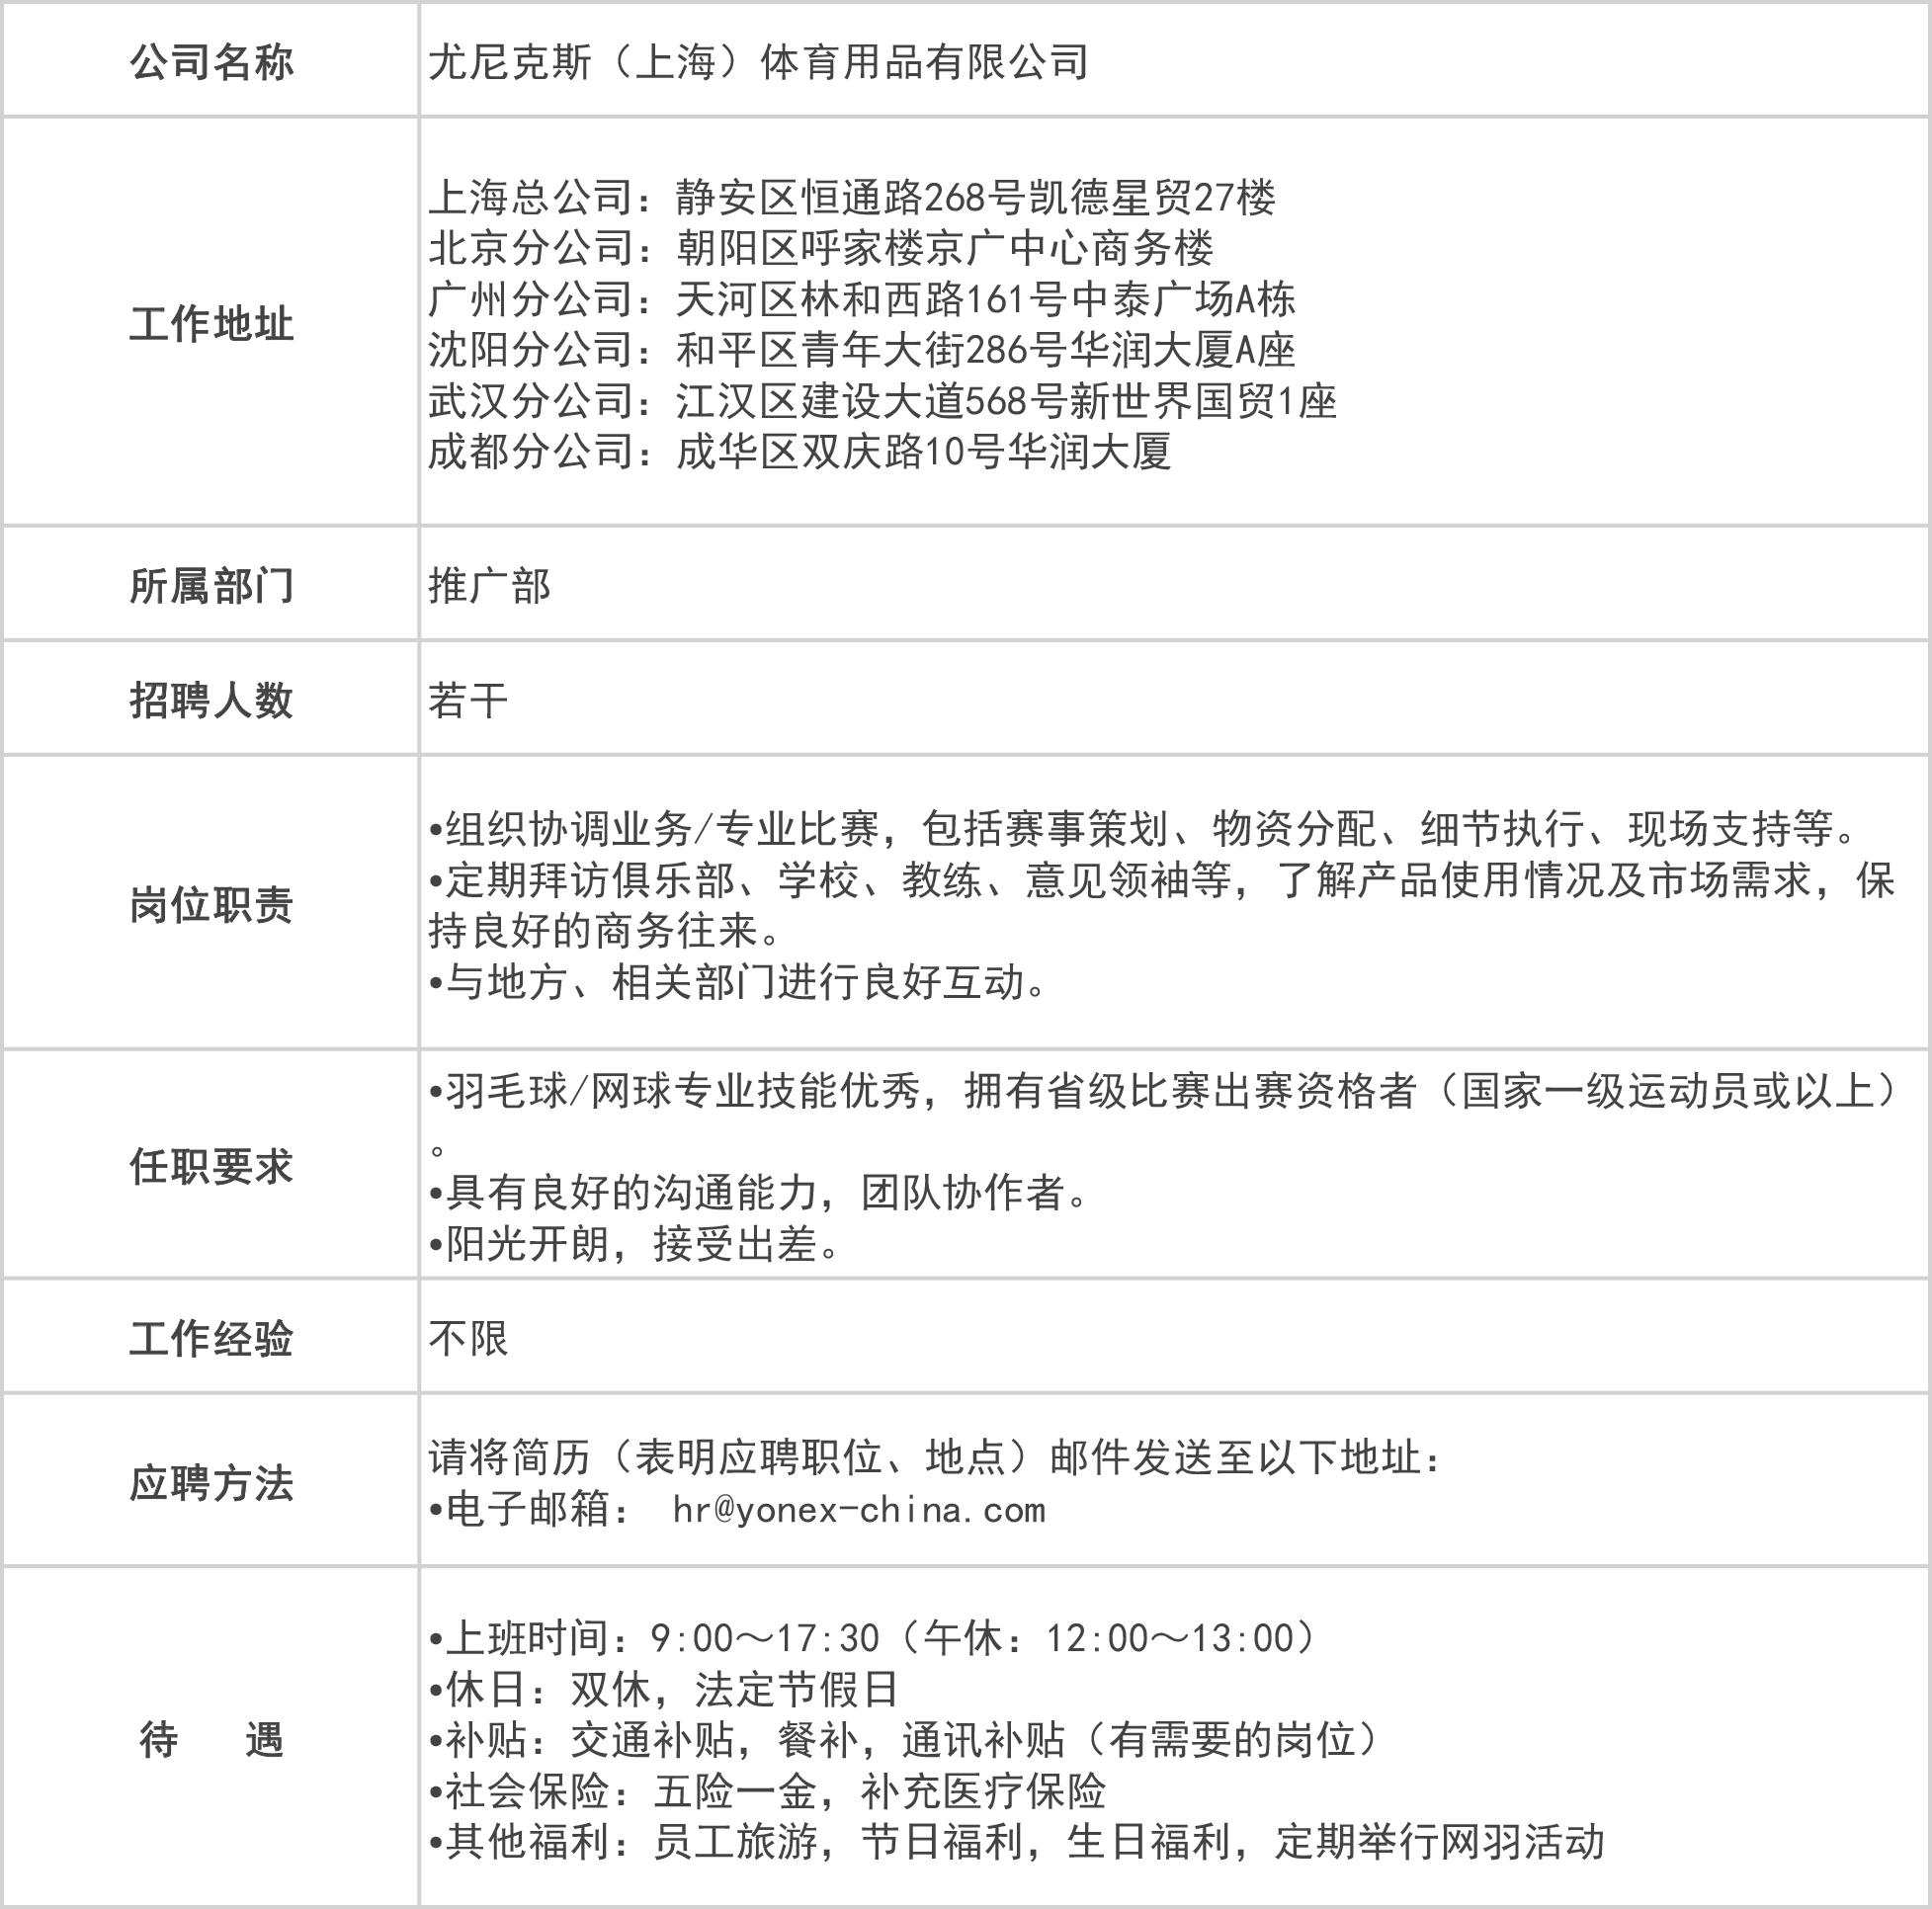 推广专员 20180802.png